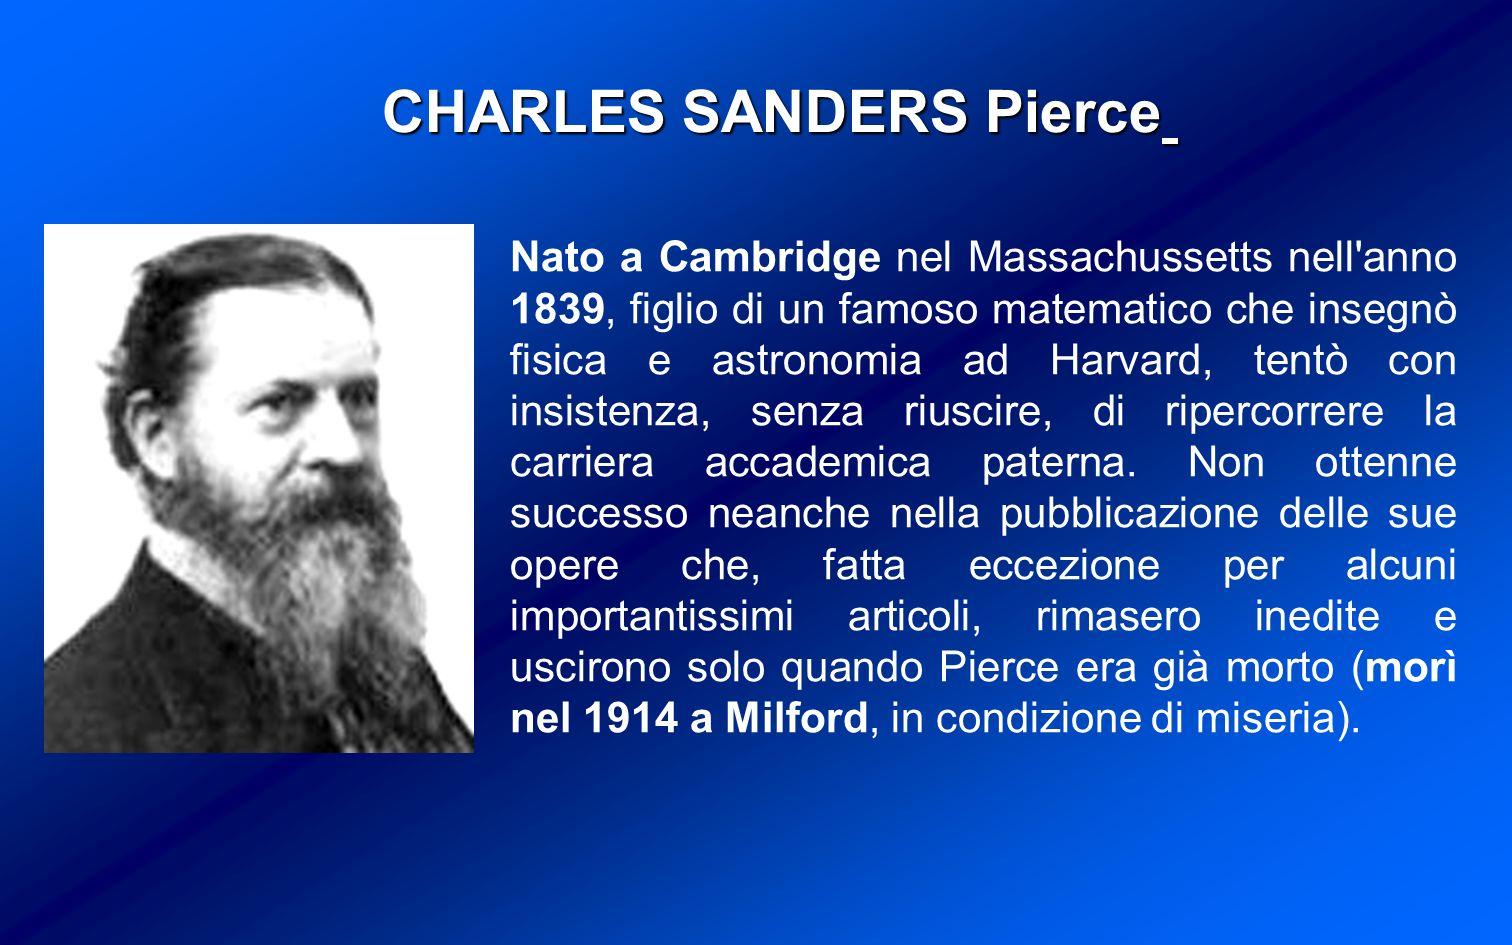 Nato a Cambridge nel Massachussetts nell anno 1839, figlio di un famoso matematico che insegnò fisica e astronomia ad Harvard, tentò con insistenza, senza riuscire, di ripercorrere la carriera accademica paterna.